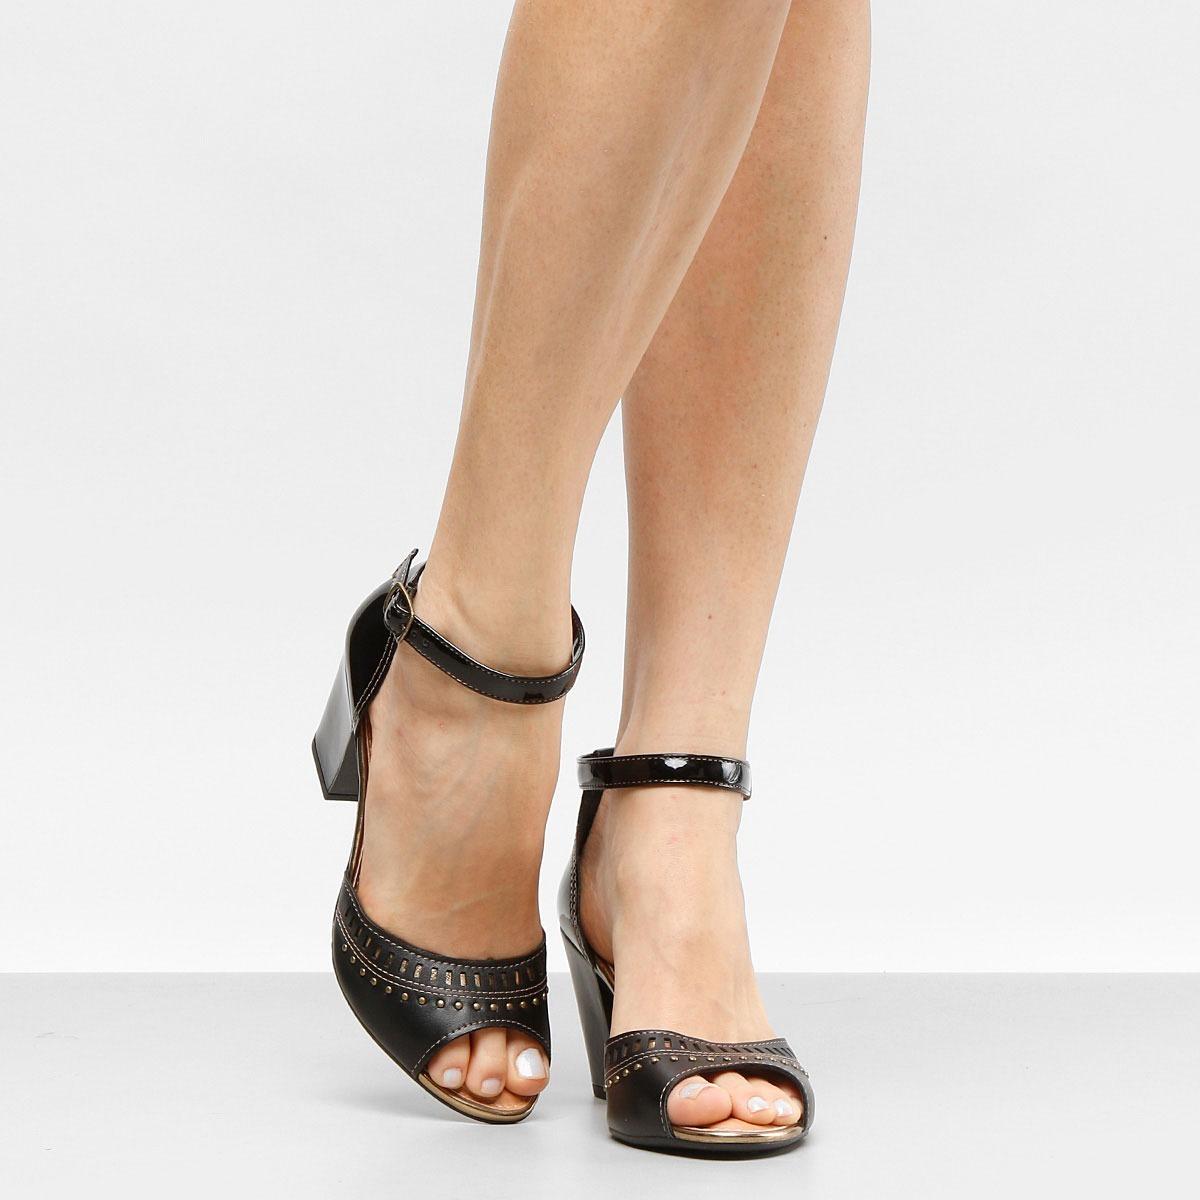 e49ea7117b sandália dakota salto grosso laser feminina preta. Carregando zoom.